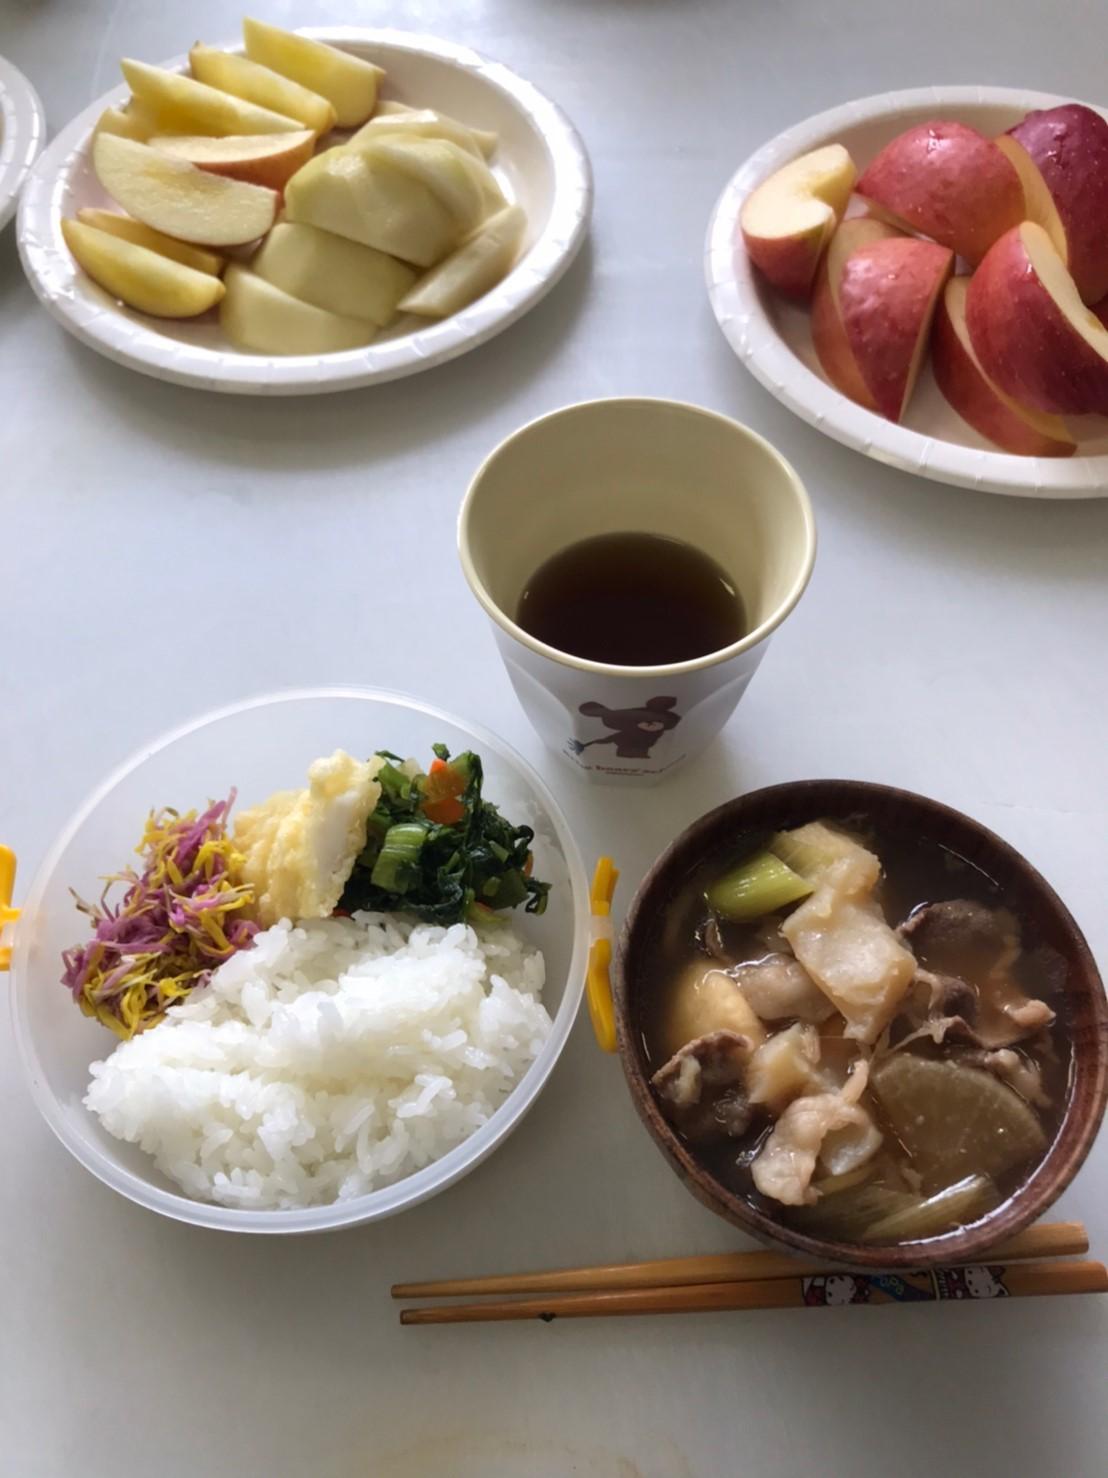 旅する食育!高畠編 山形青菜漬~地域の郷土料理を学ぶ~_b0297136_11150523.jpg